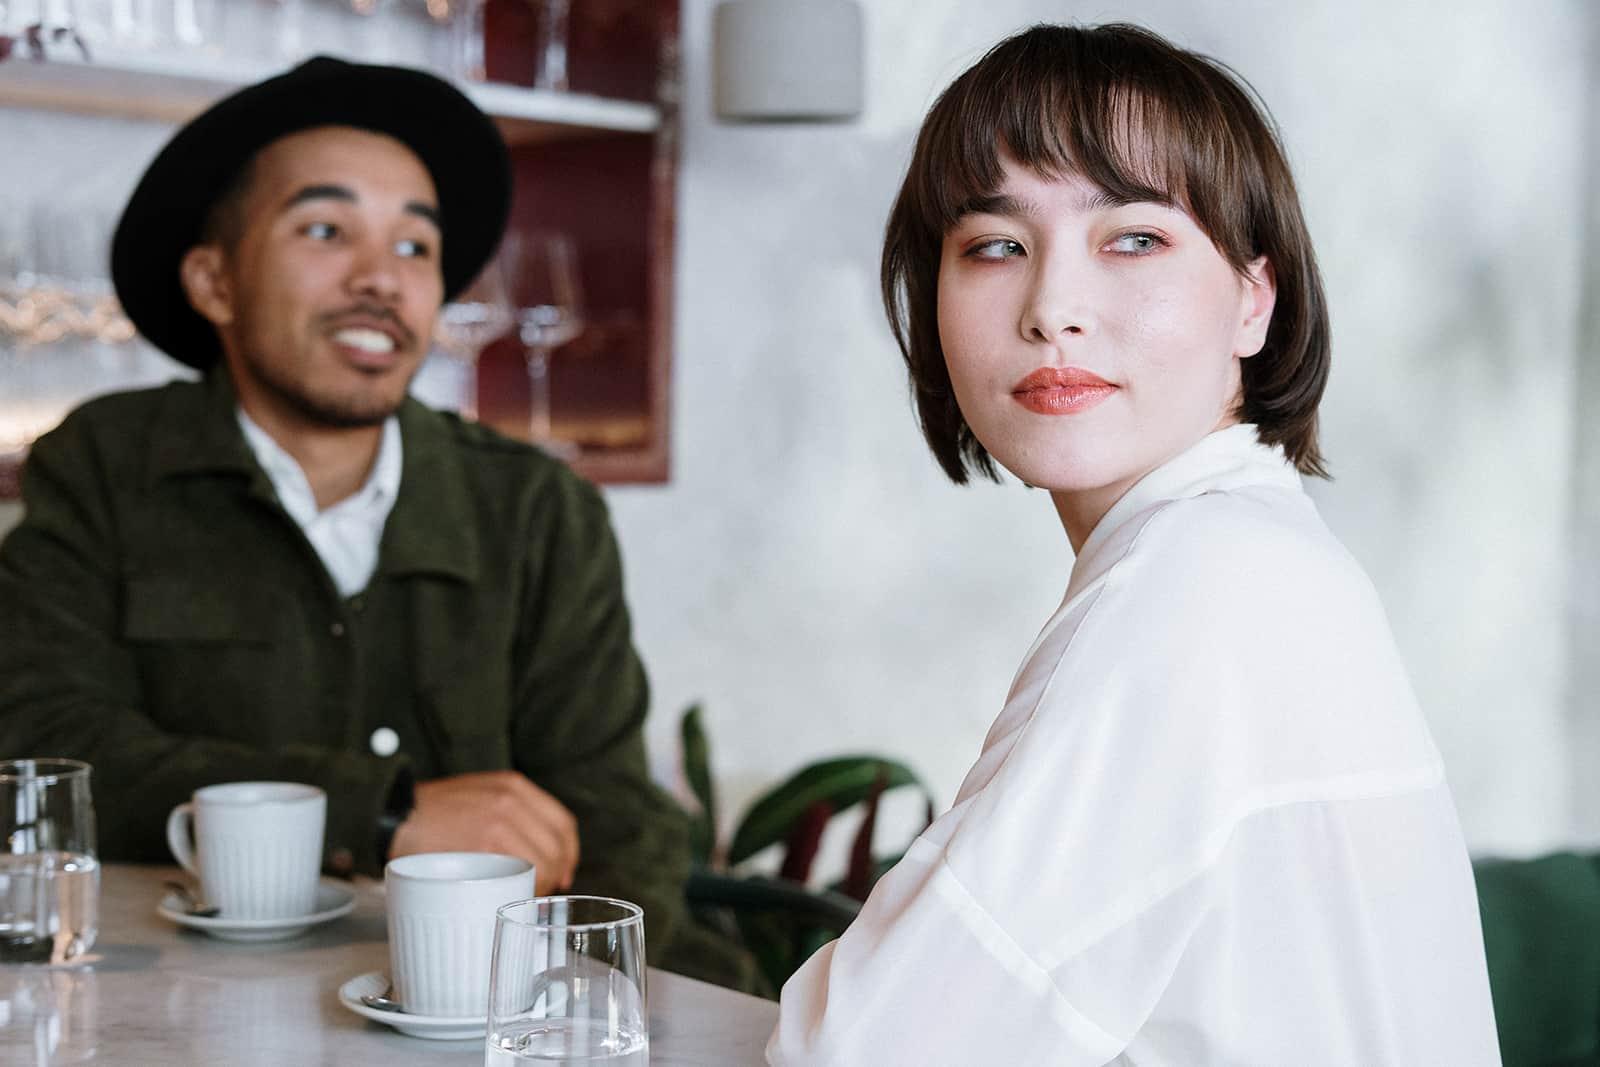 Eine Frau, die den Kopf von einem Mann dreht, der neben ihr im Café sitzt, während sie zusammen Kaffee trinkt